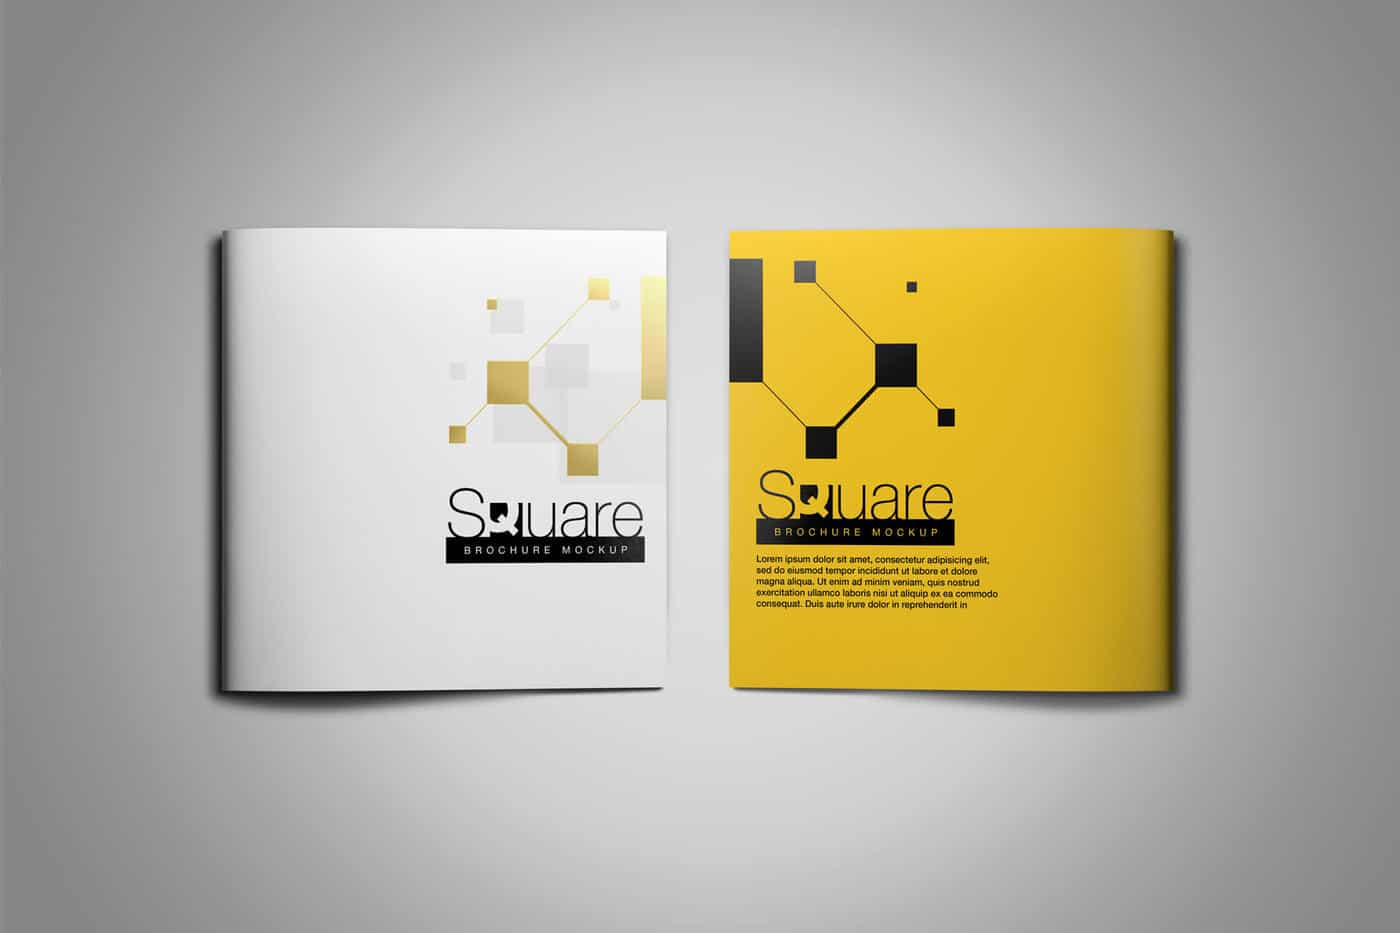 Square-Brochure-Mockup-06